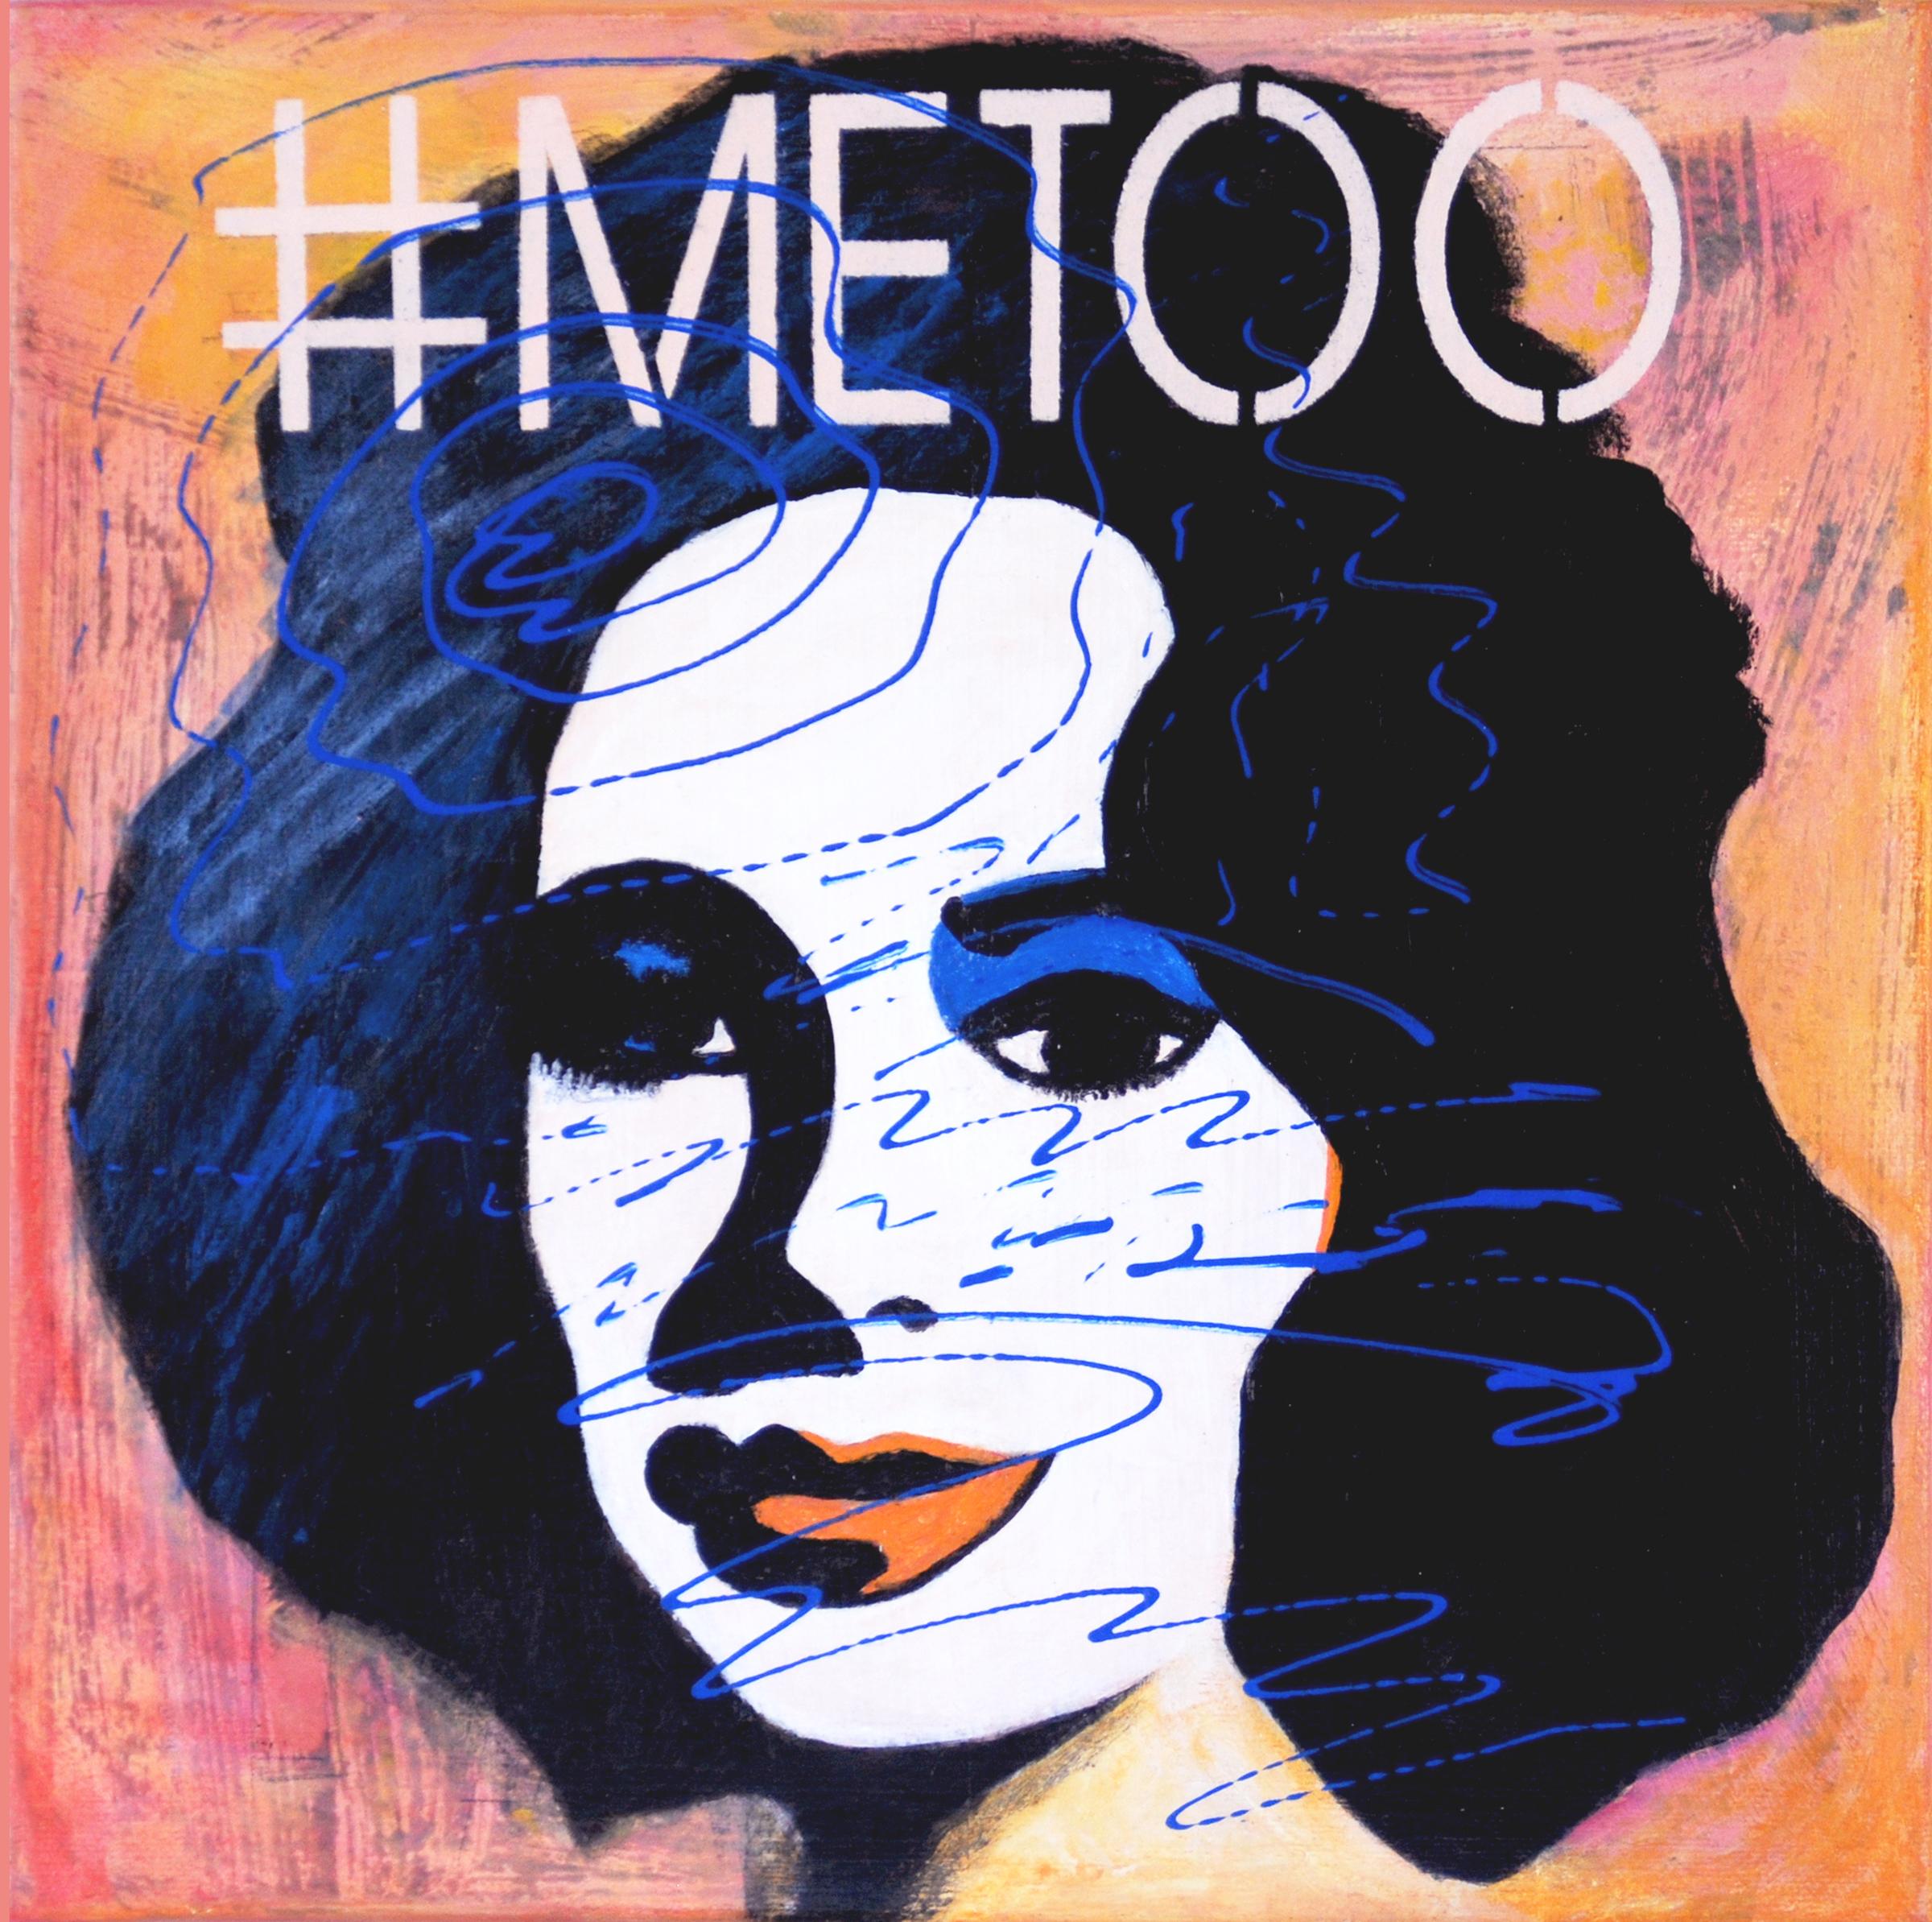 #MeToo: Liz #2